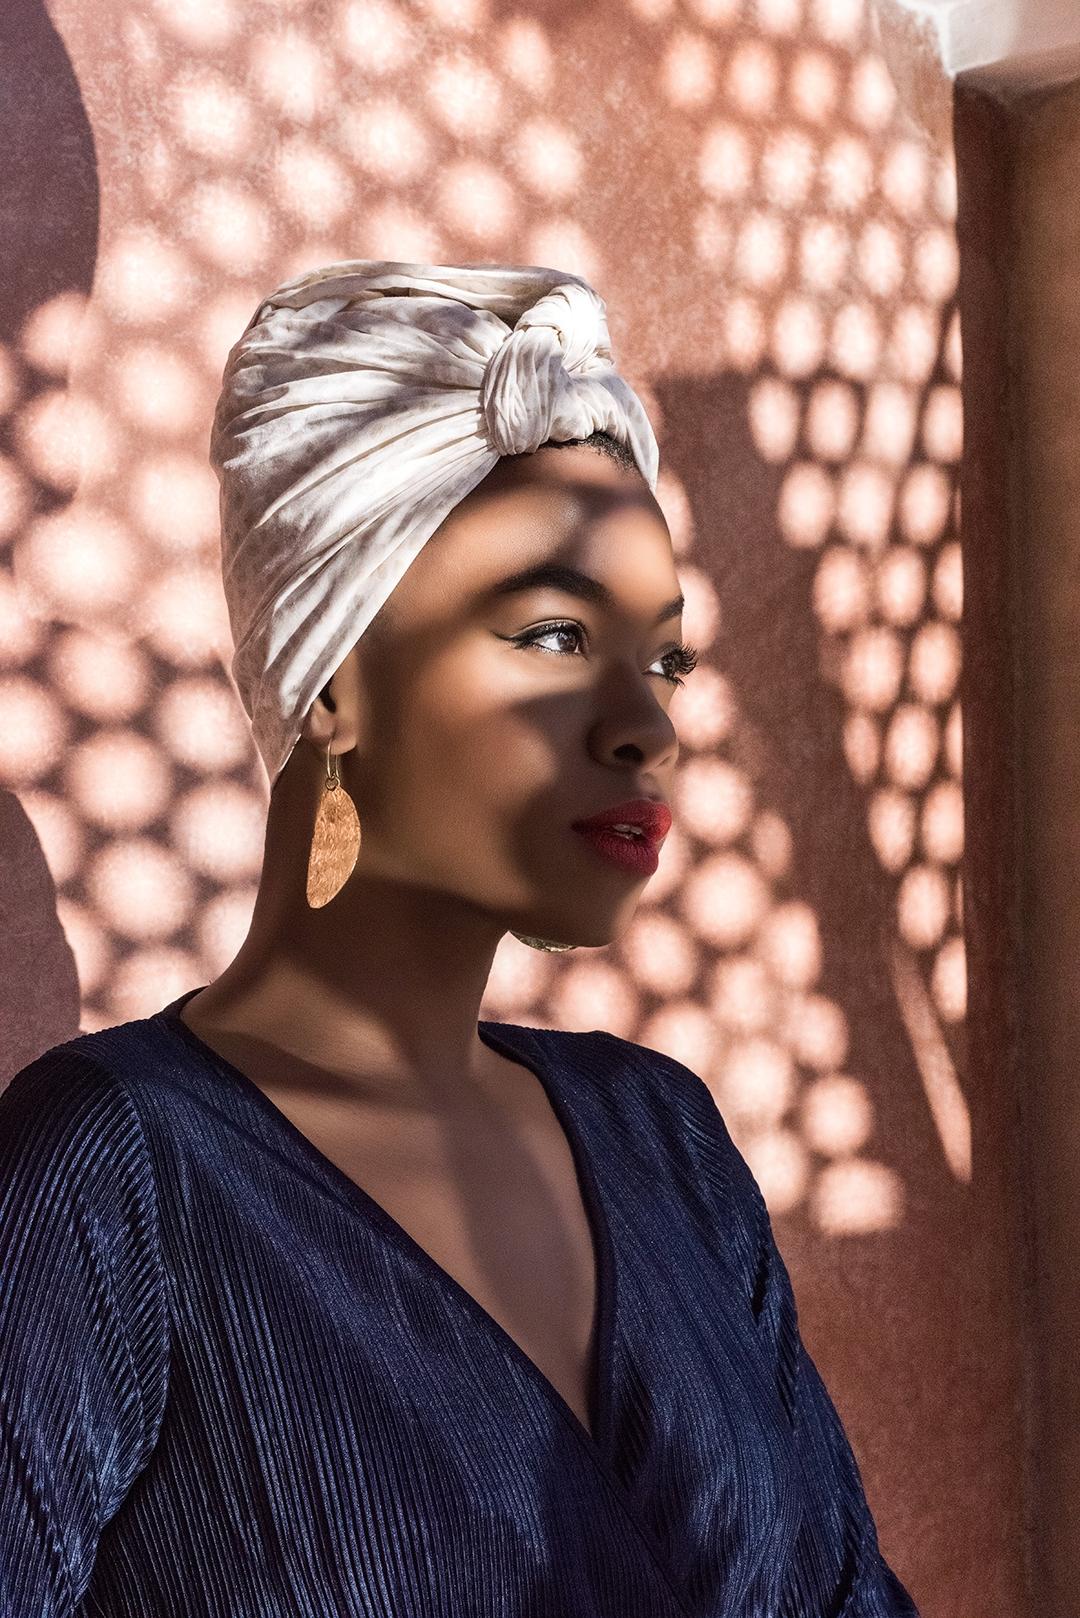 Marrakech, Morocco trip photosh - theprinceofpeace | ello